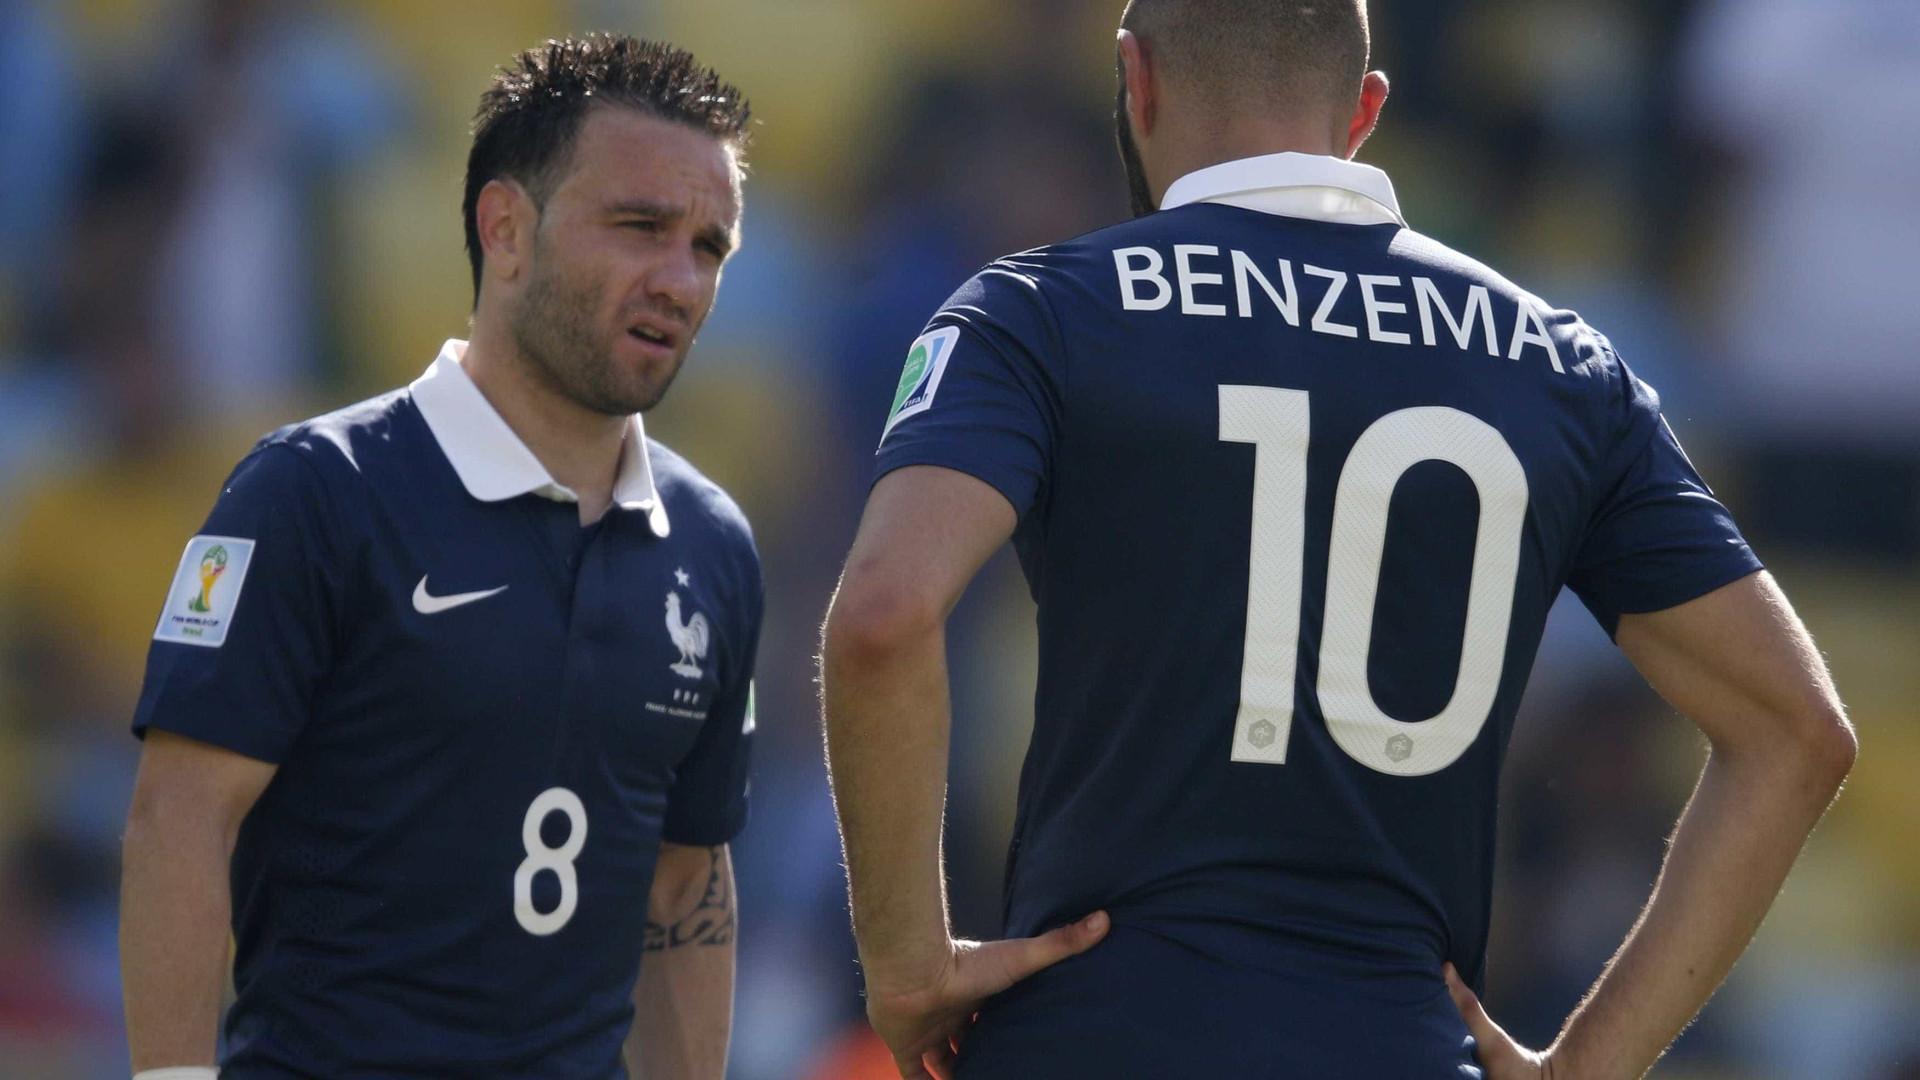 e51d235fae Federação francesa assegura que Benzema não foi afastado em definitivo